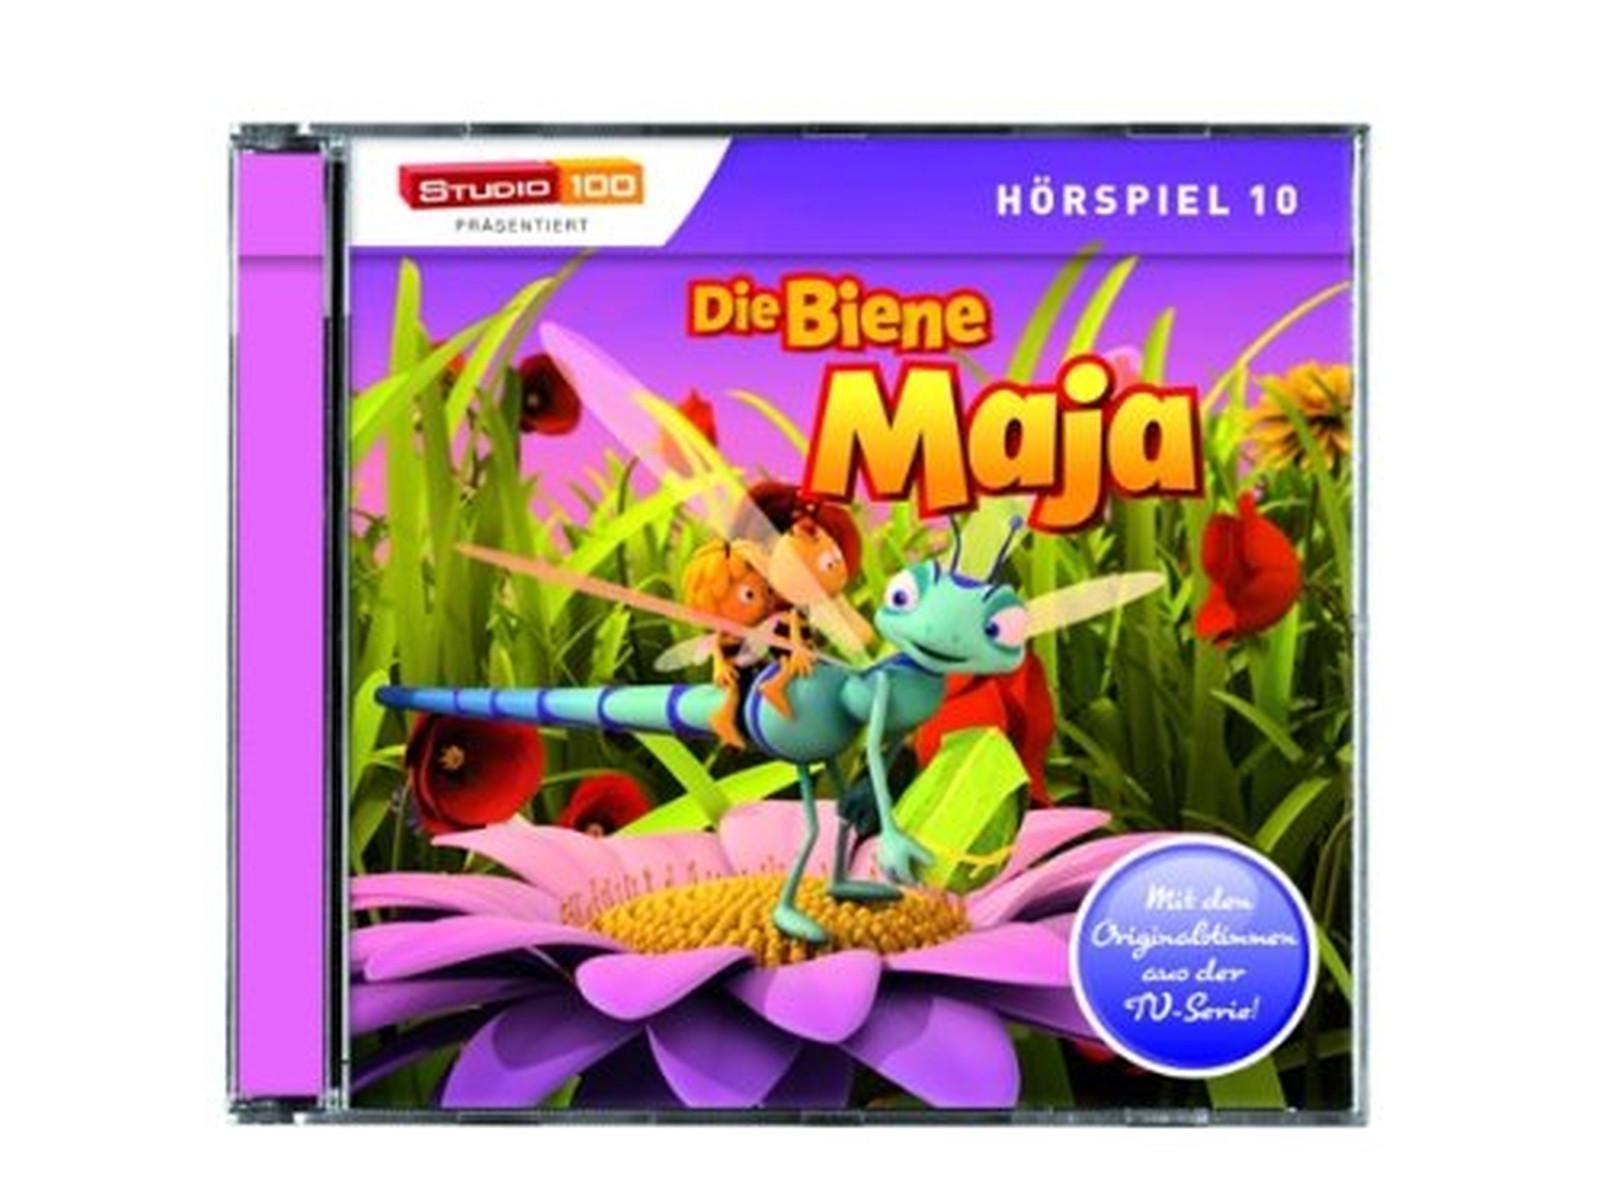 Die Biene Maja - Hörspiel 10 (Studio 100)